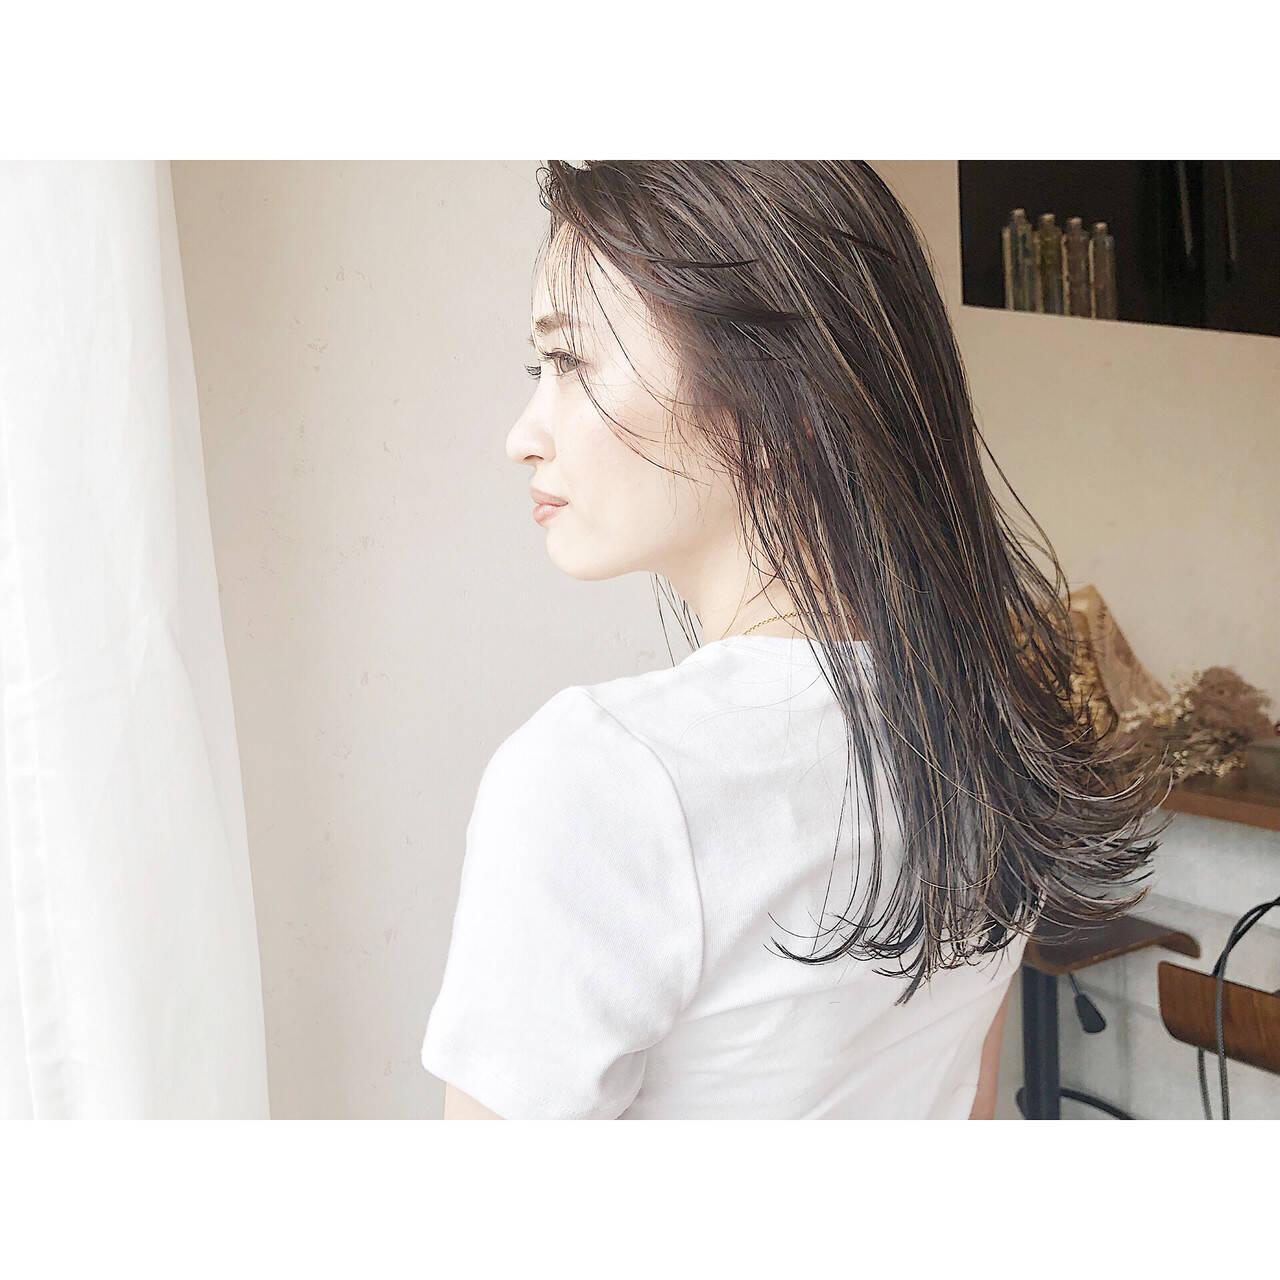 コントラストハイライト ナチュラル 極細ハイライト 大人ハイライトヘアスタイルや髪型の写真・画像